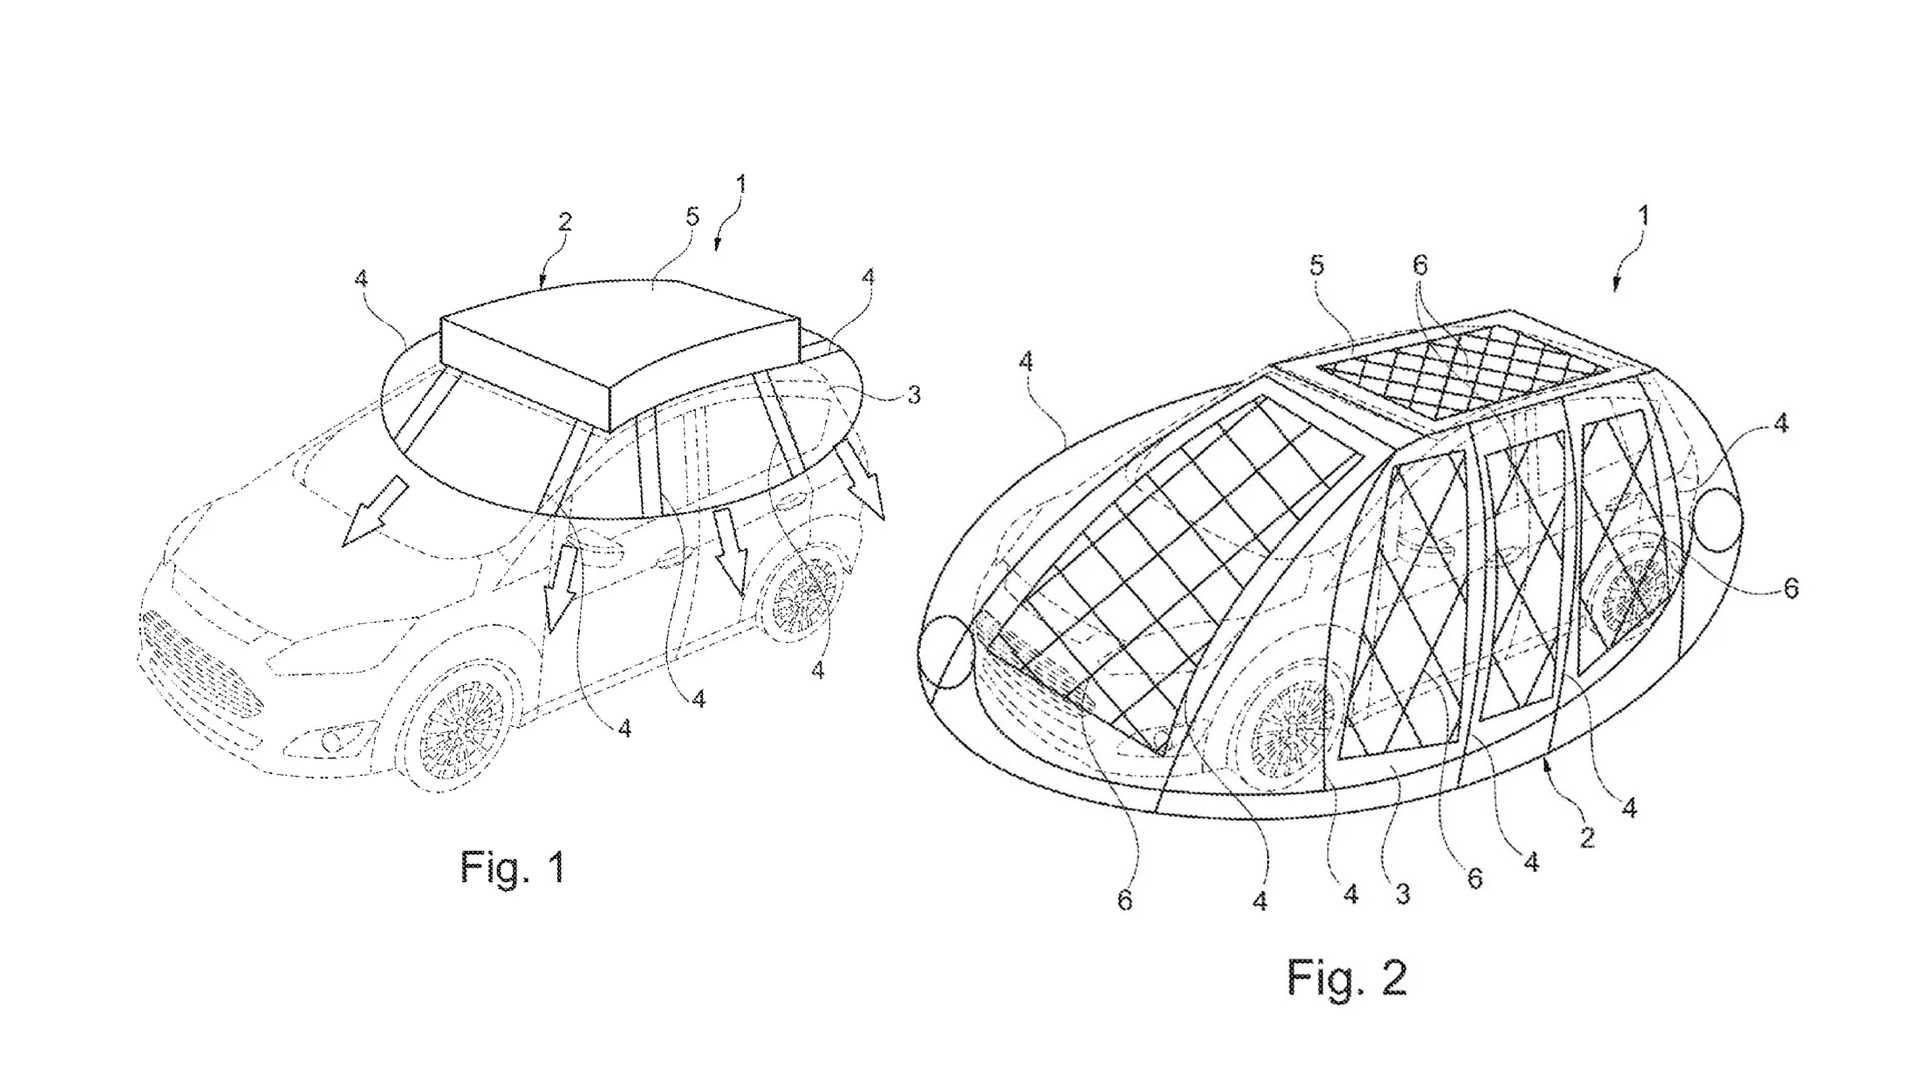 Ford запатентовал солнечный кокон для электромобиля: будет ли он продаваться?